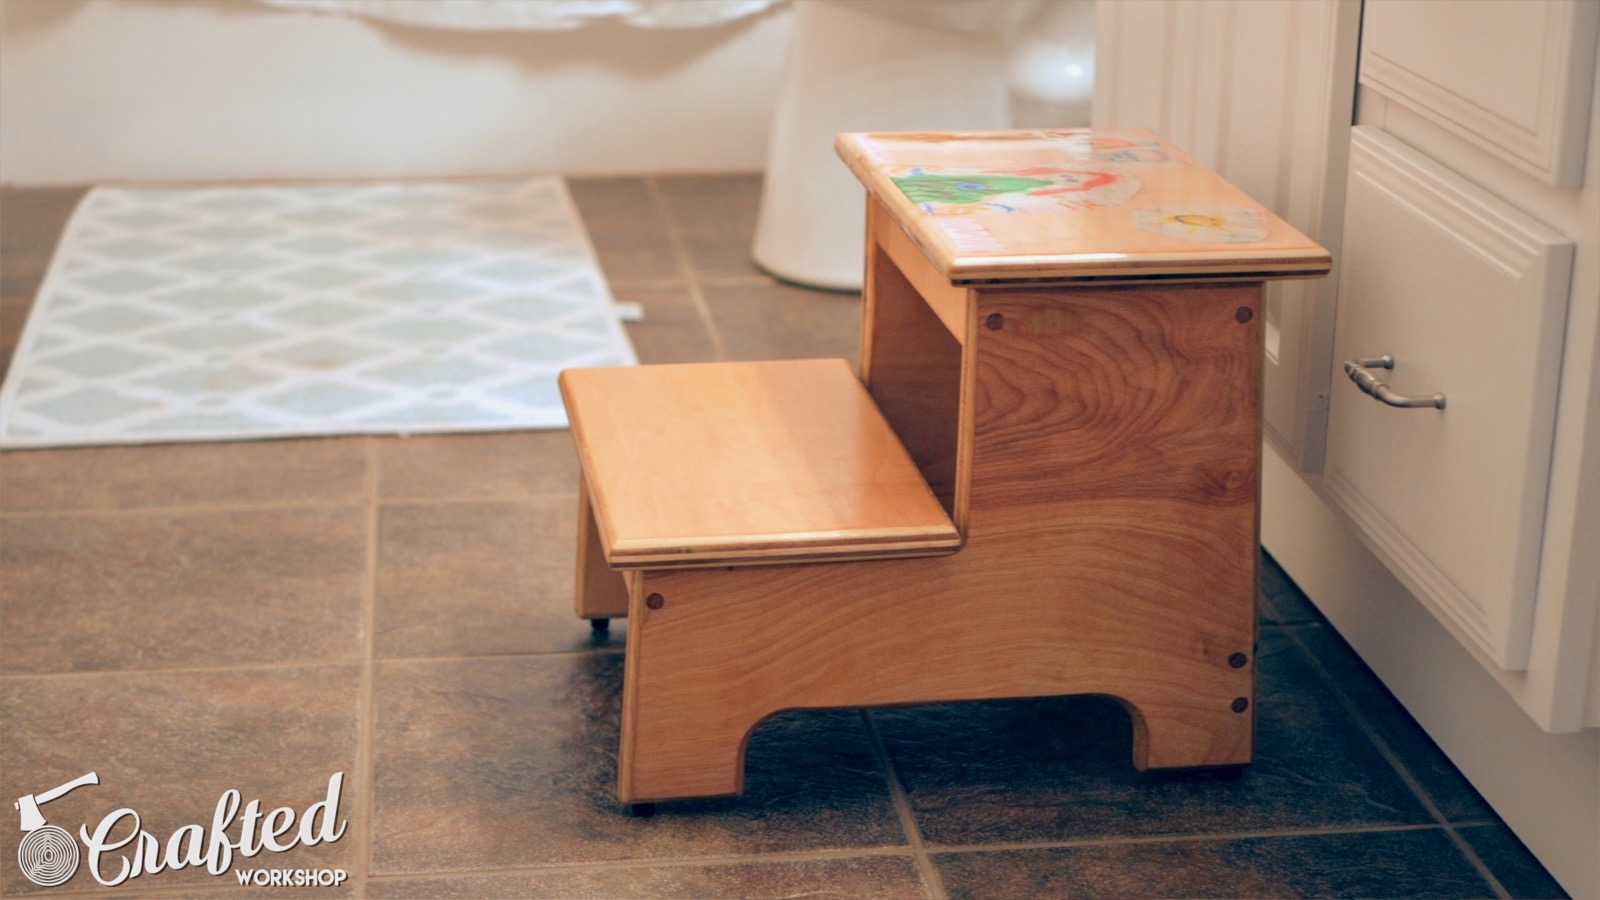 kid's step stool in front of bathroom sink